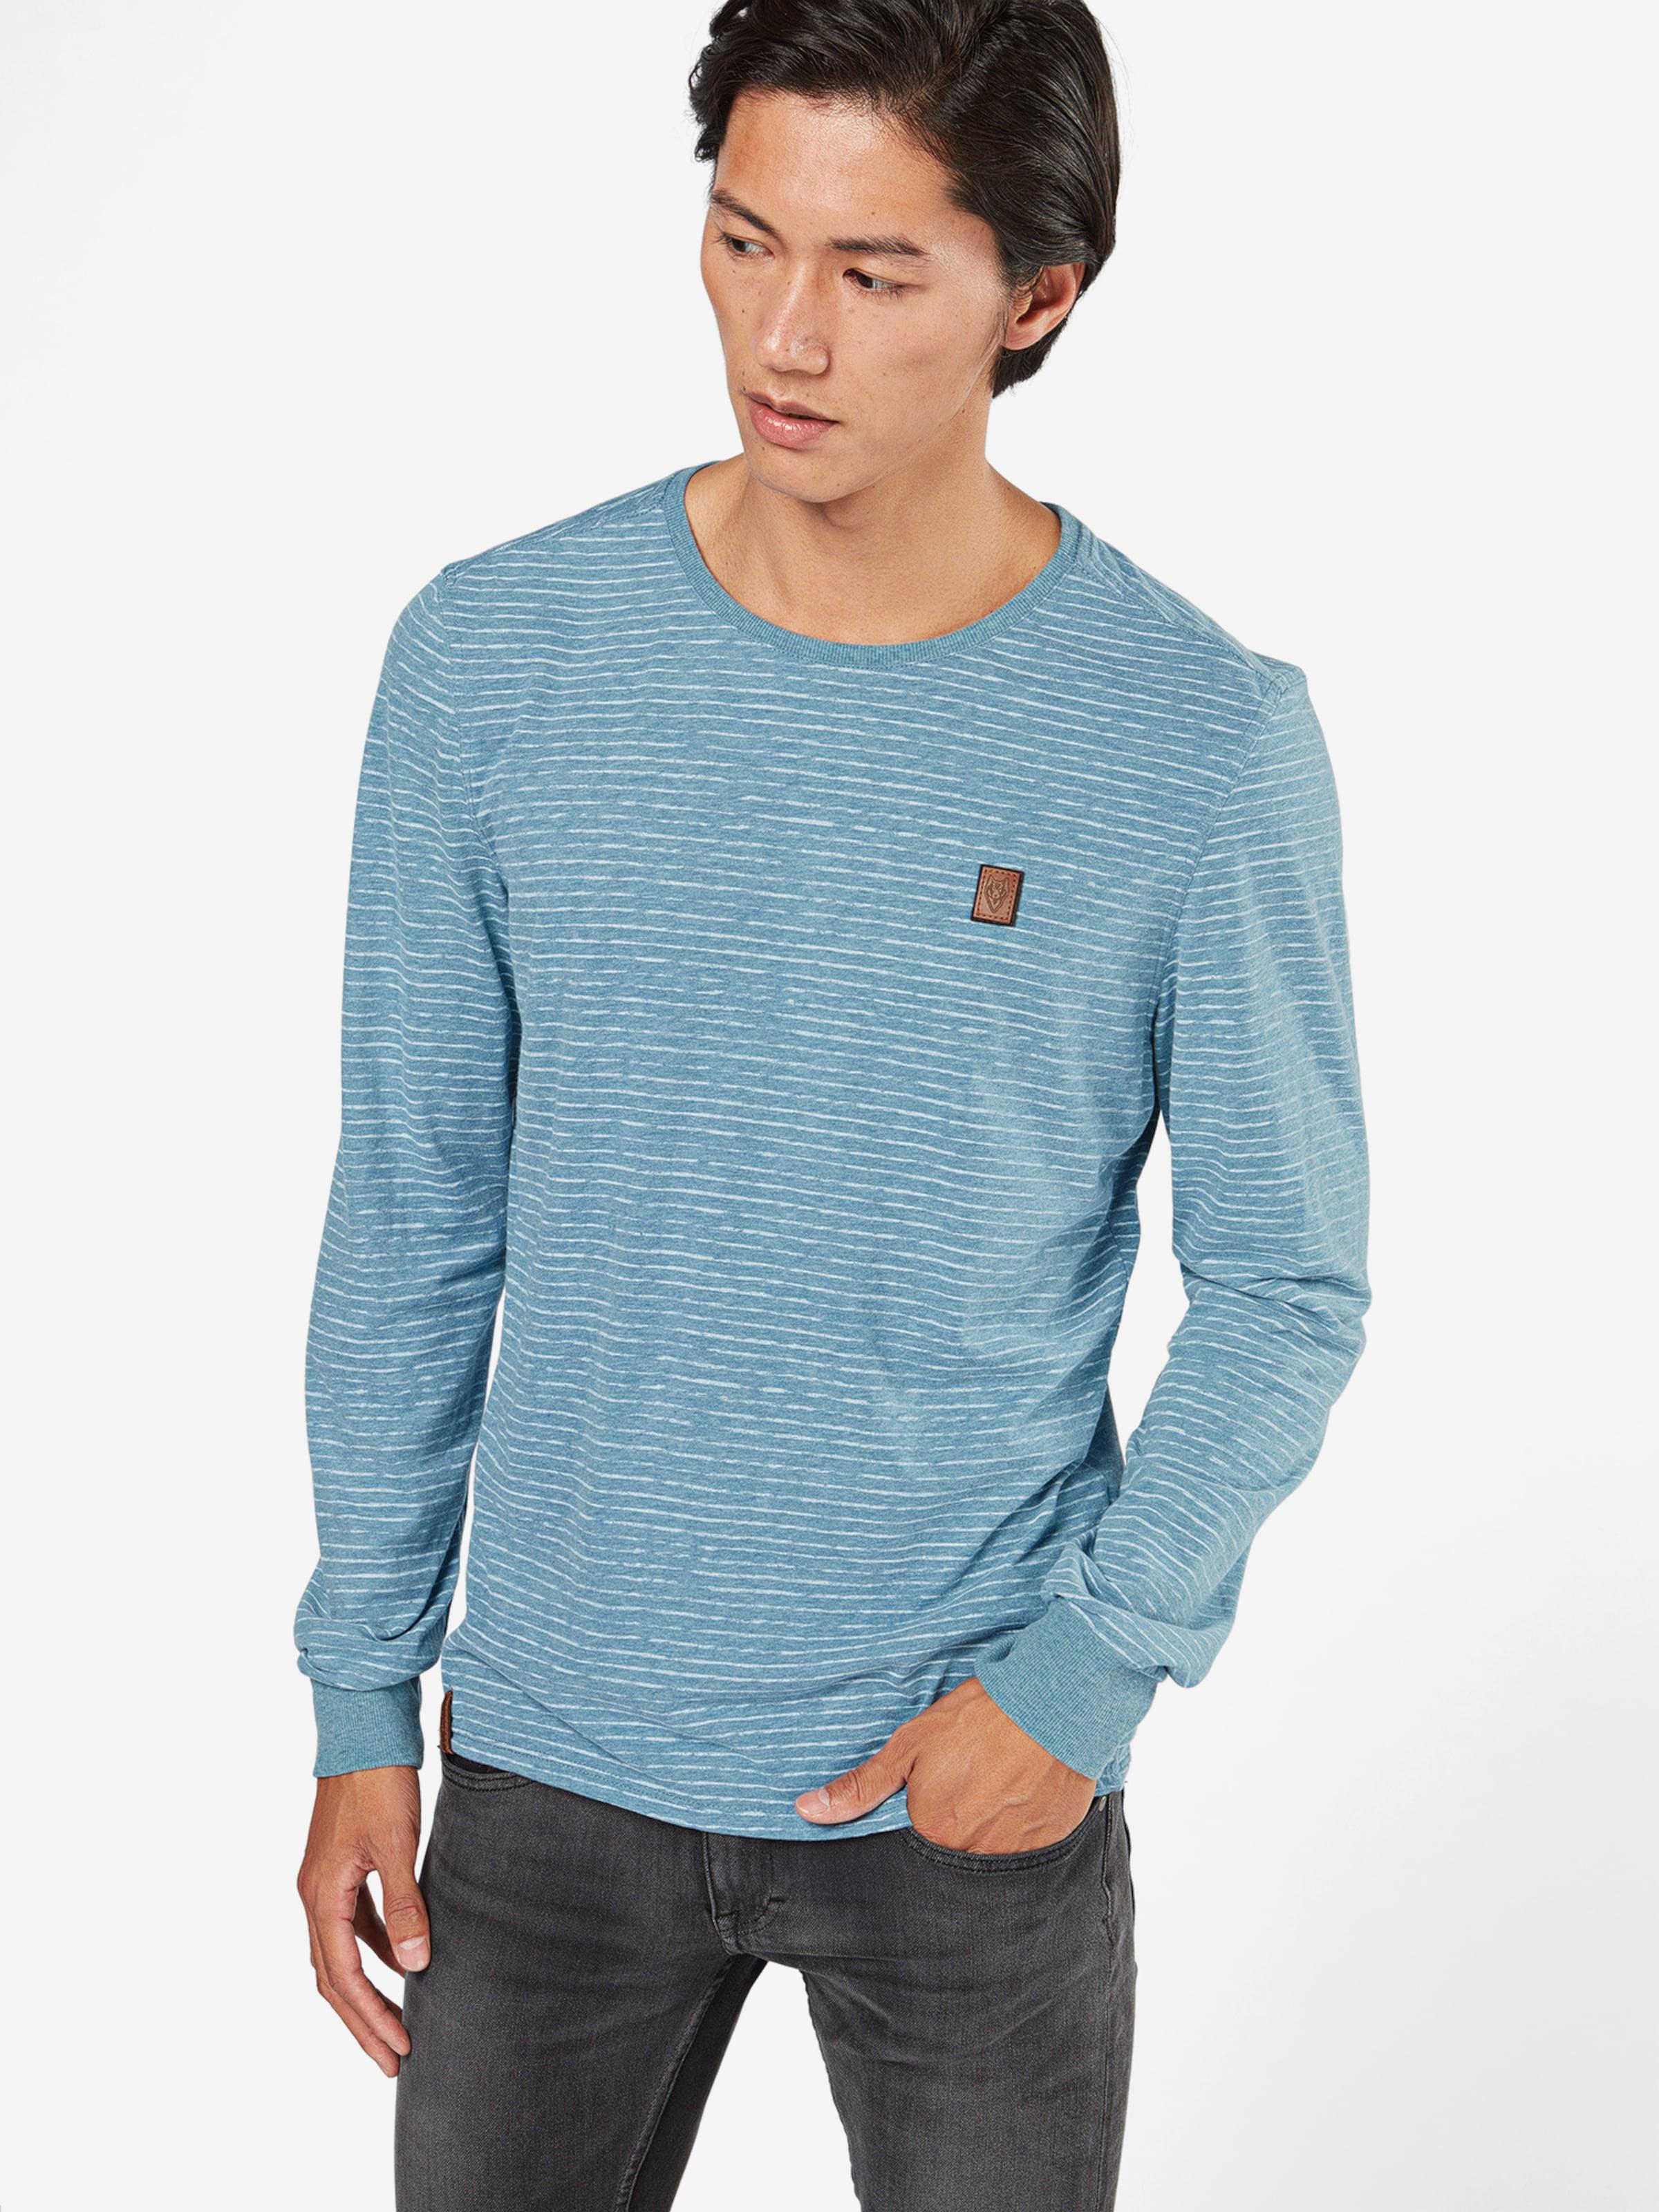 naketano Sweatshirt 'Hosenpuper Langen V' Rabatt Für Billig Finden Große Zum Verkauf Top Qualität Professionelle Günstig Online BDNUO49P1